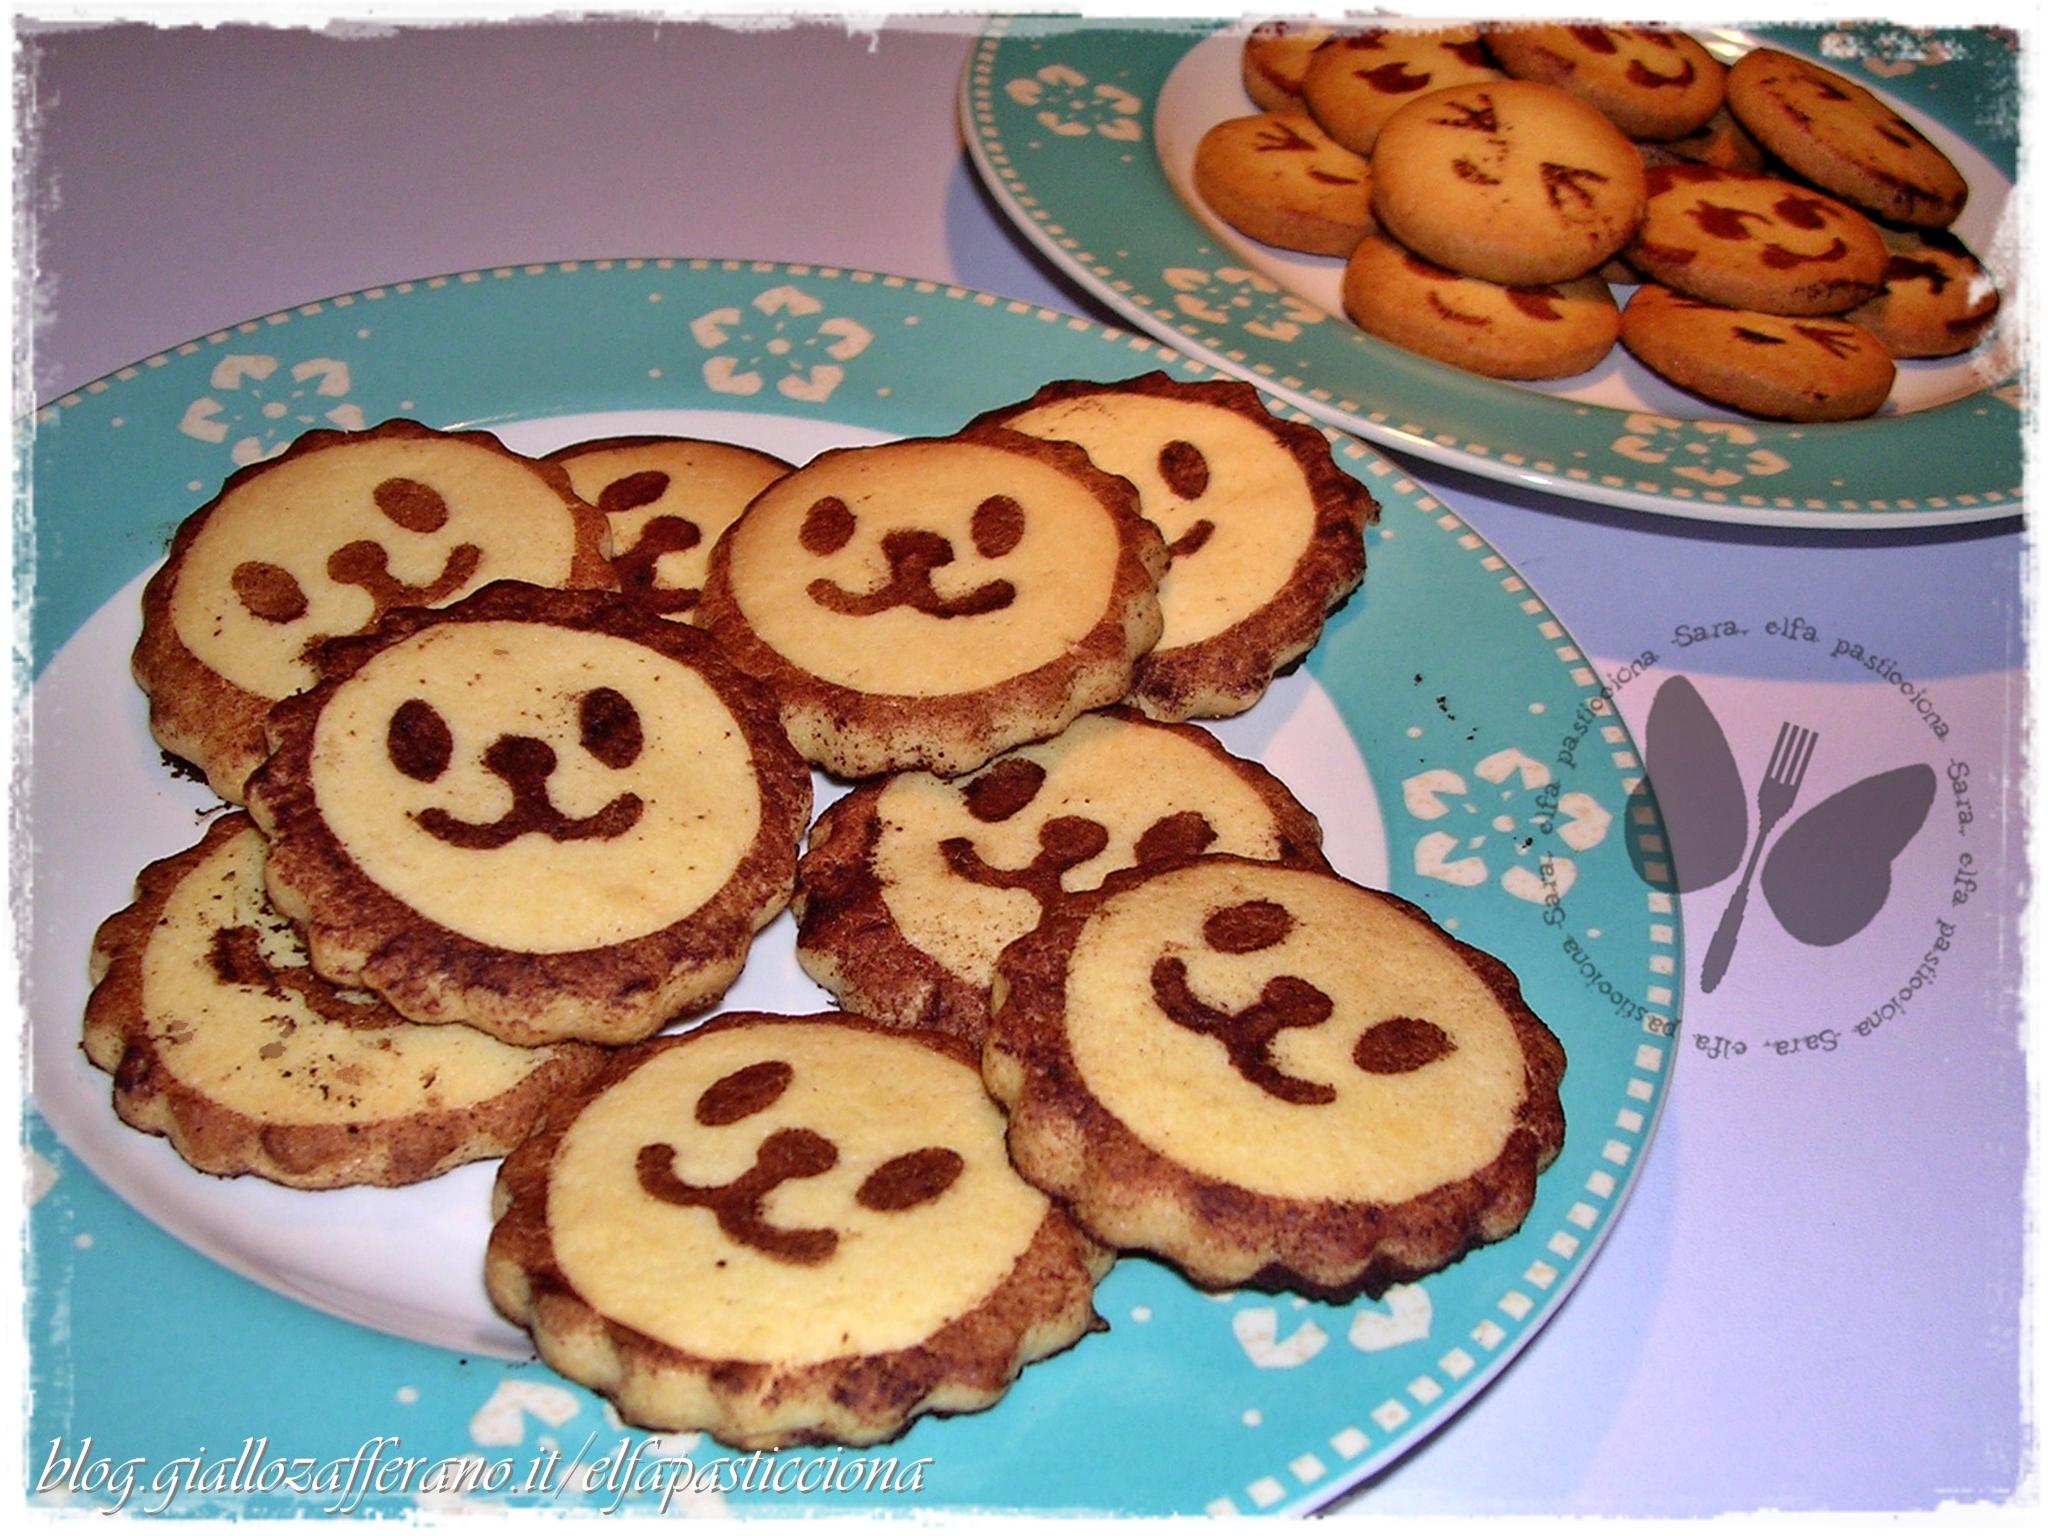 biscottini decorati vaniglia e cacao